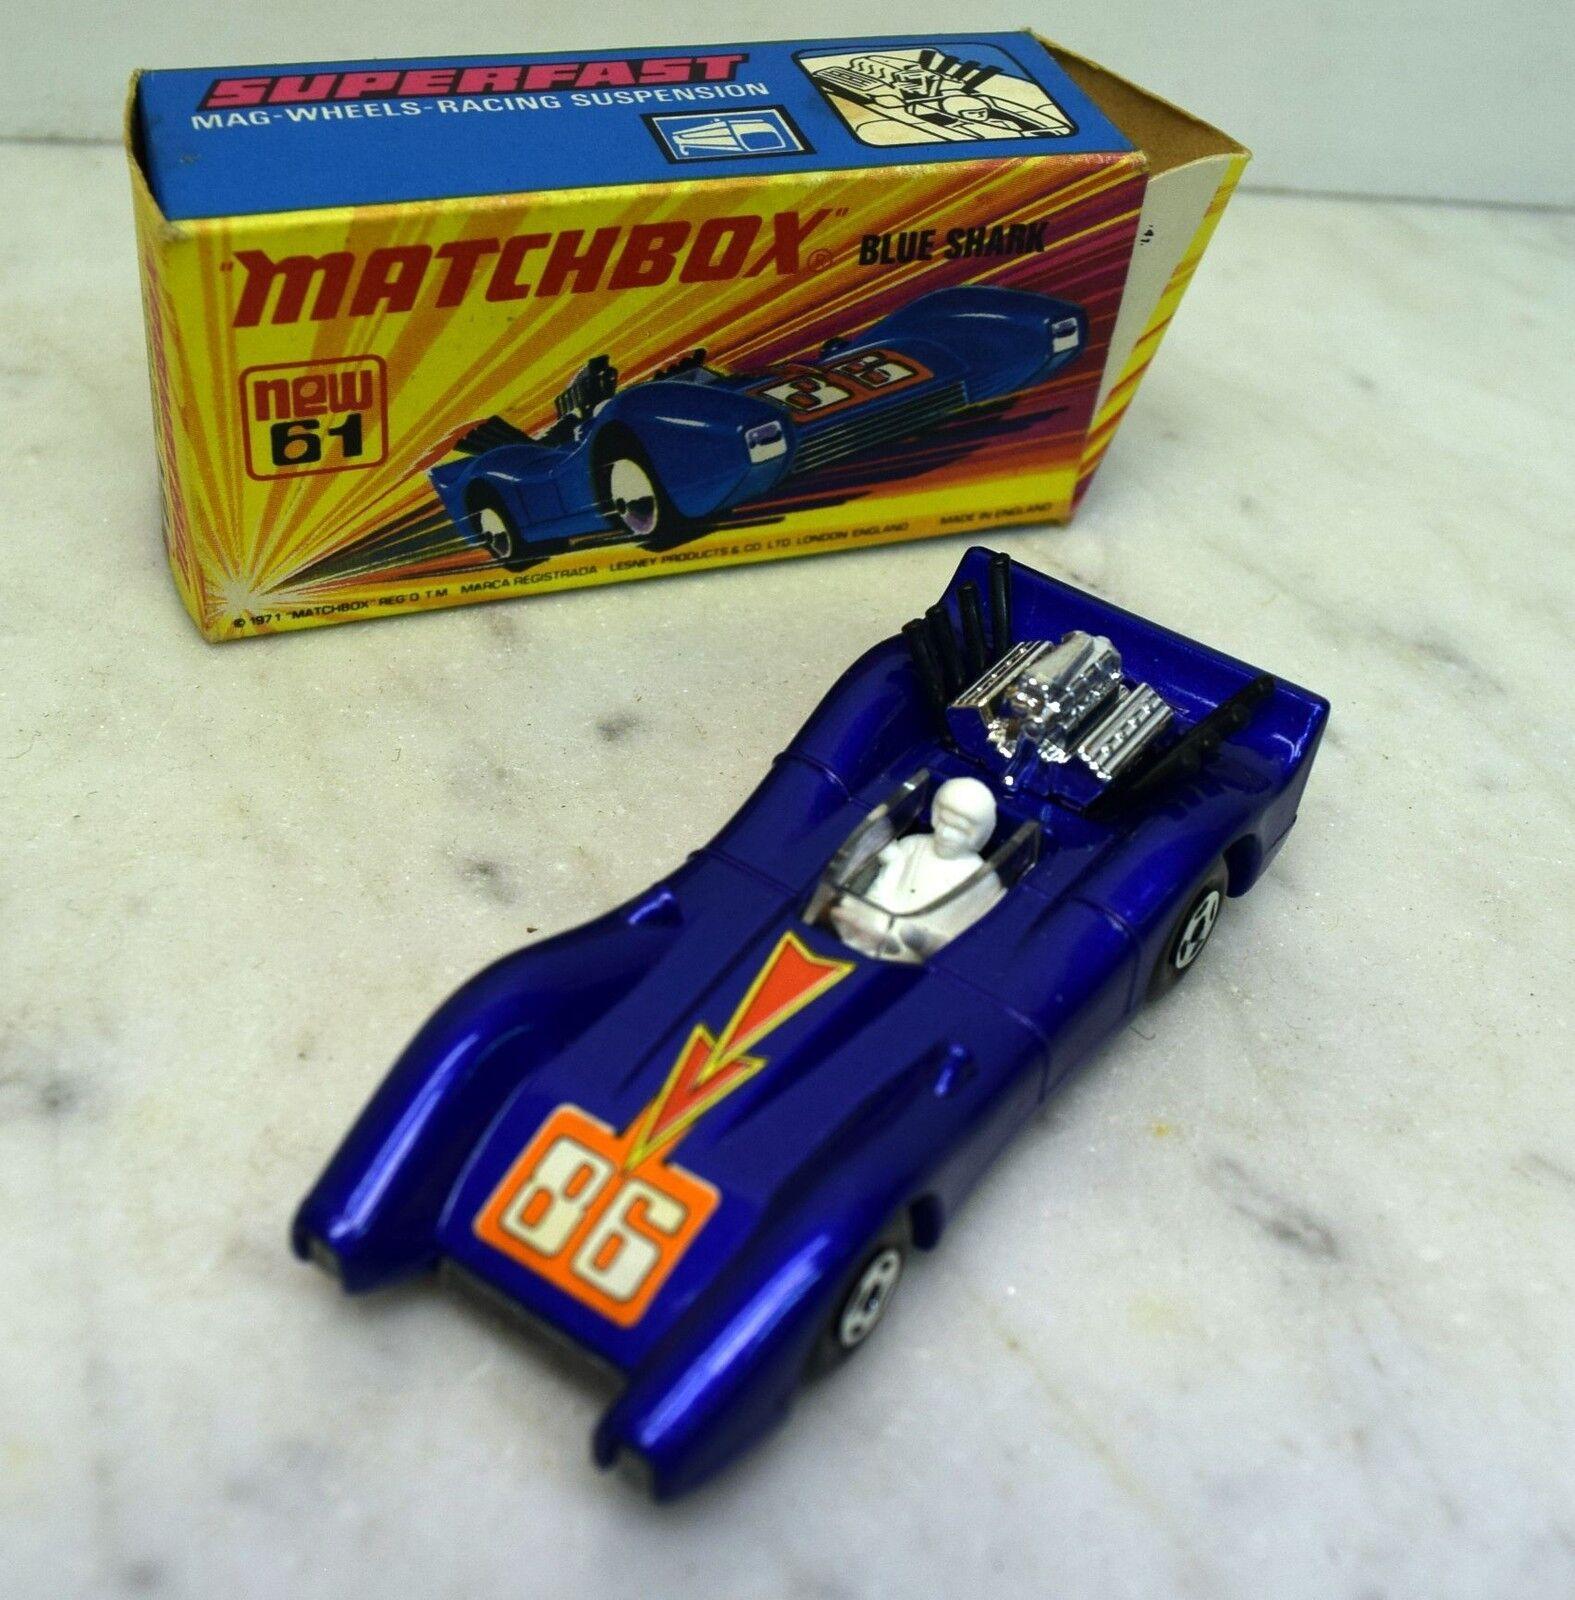 MATCHBOX SUPERFAST  61 bleu Shark, comme neuf